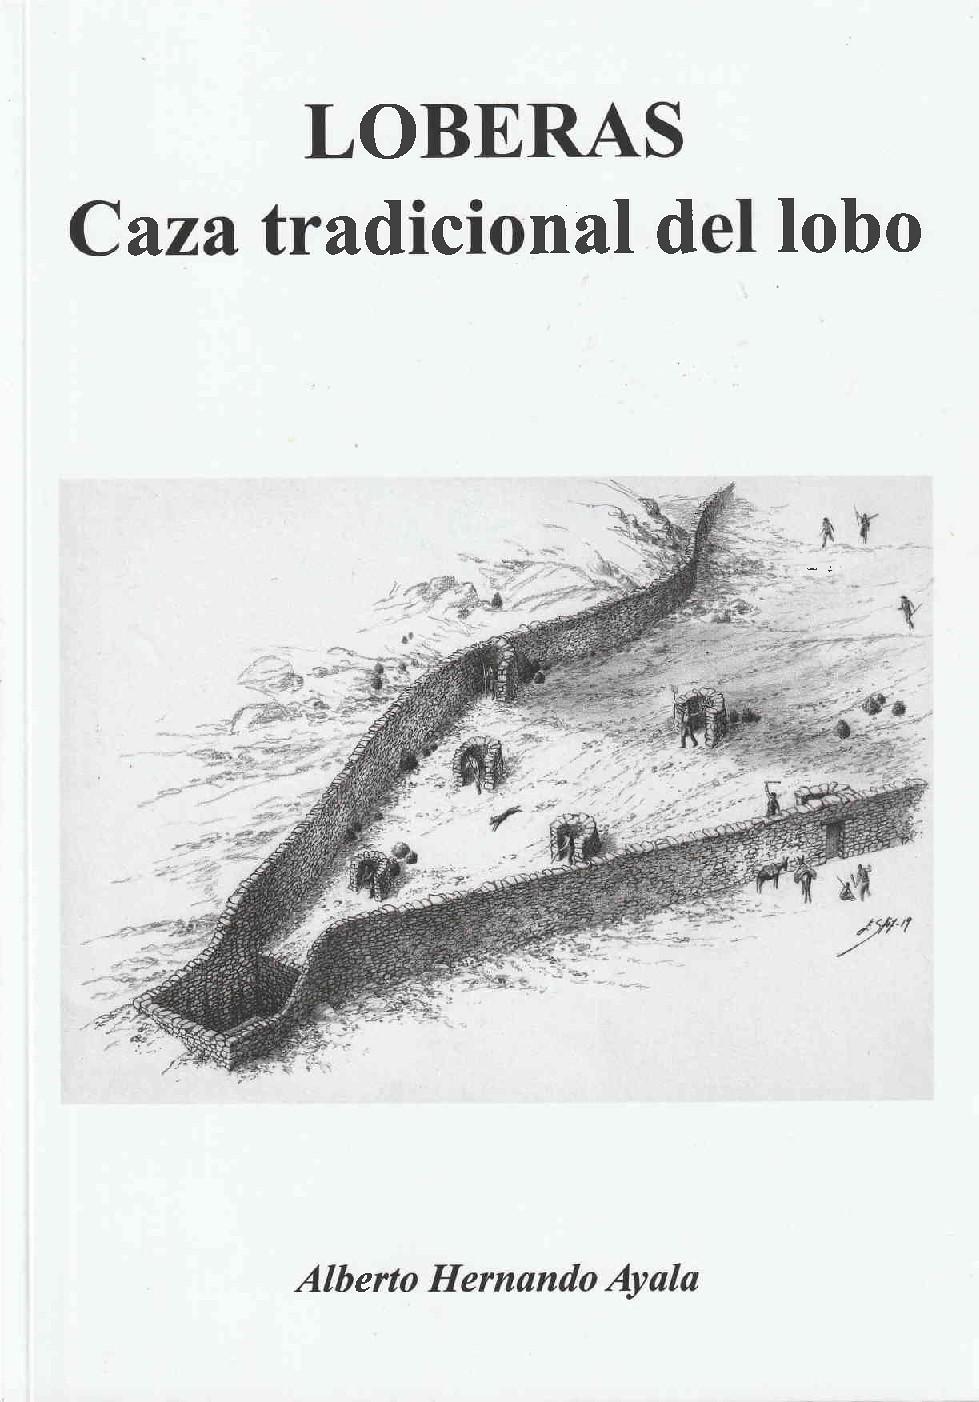 LOBERAS. CAZA TRADICIONAL DEL LOBO